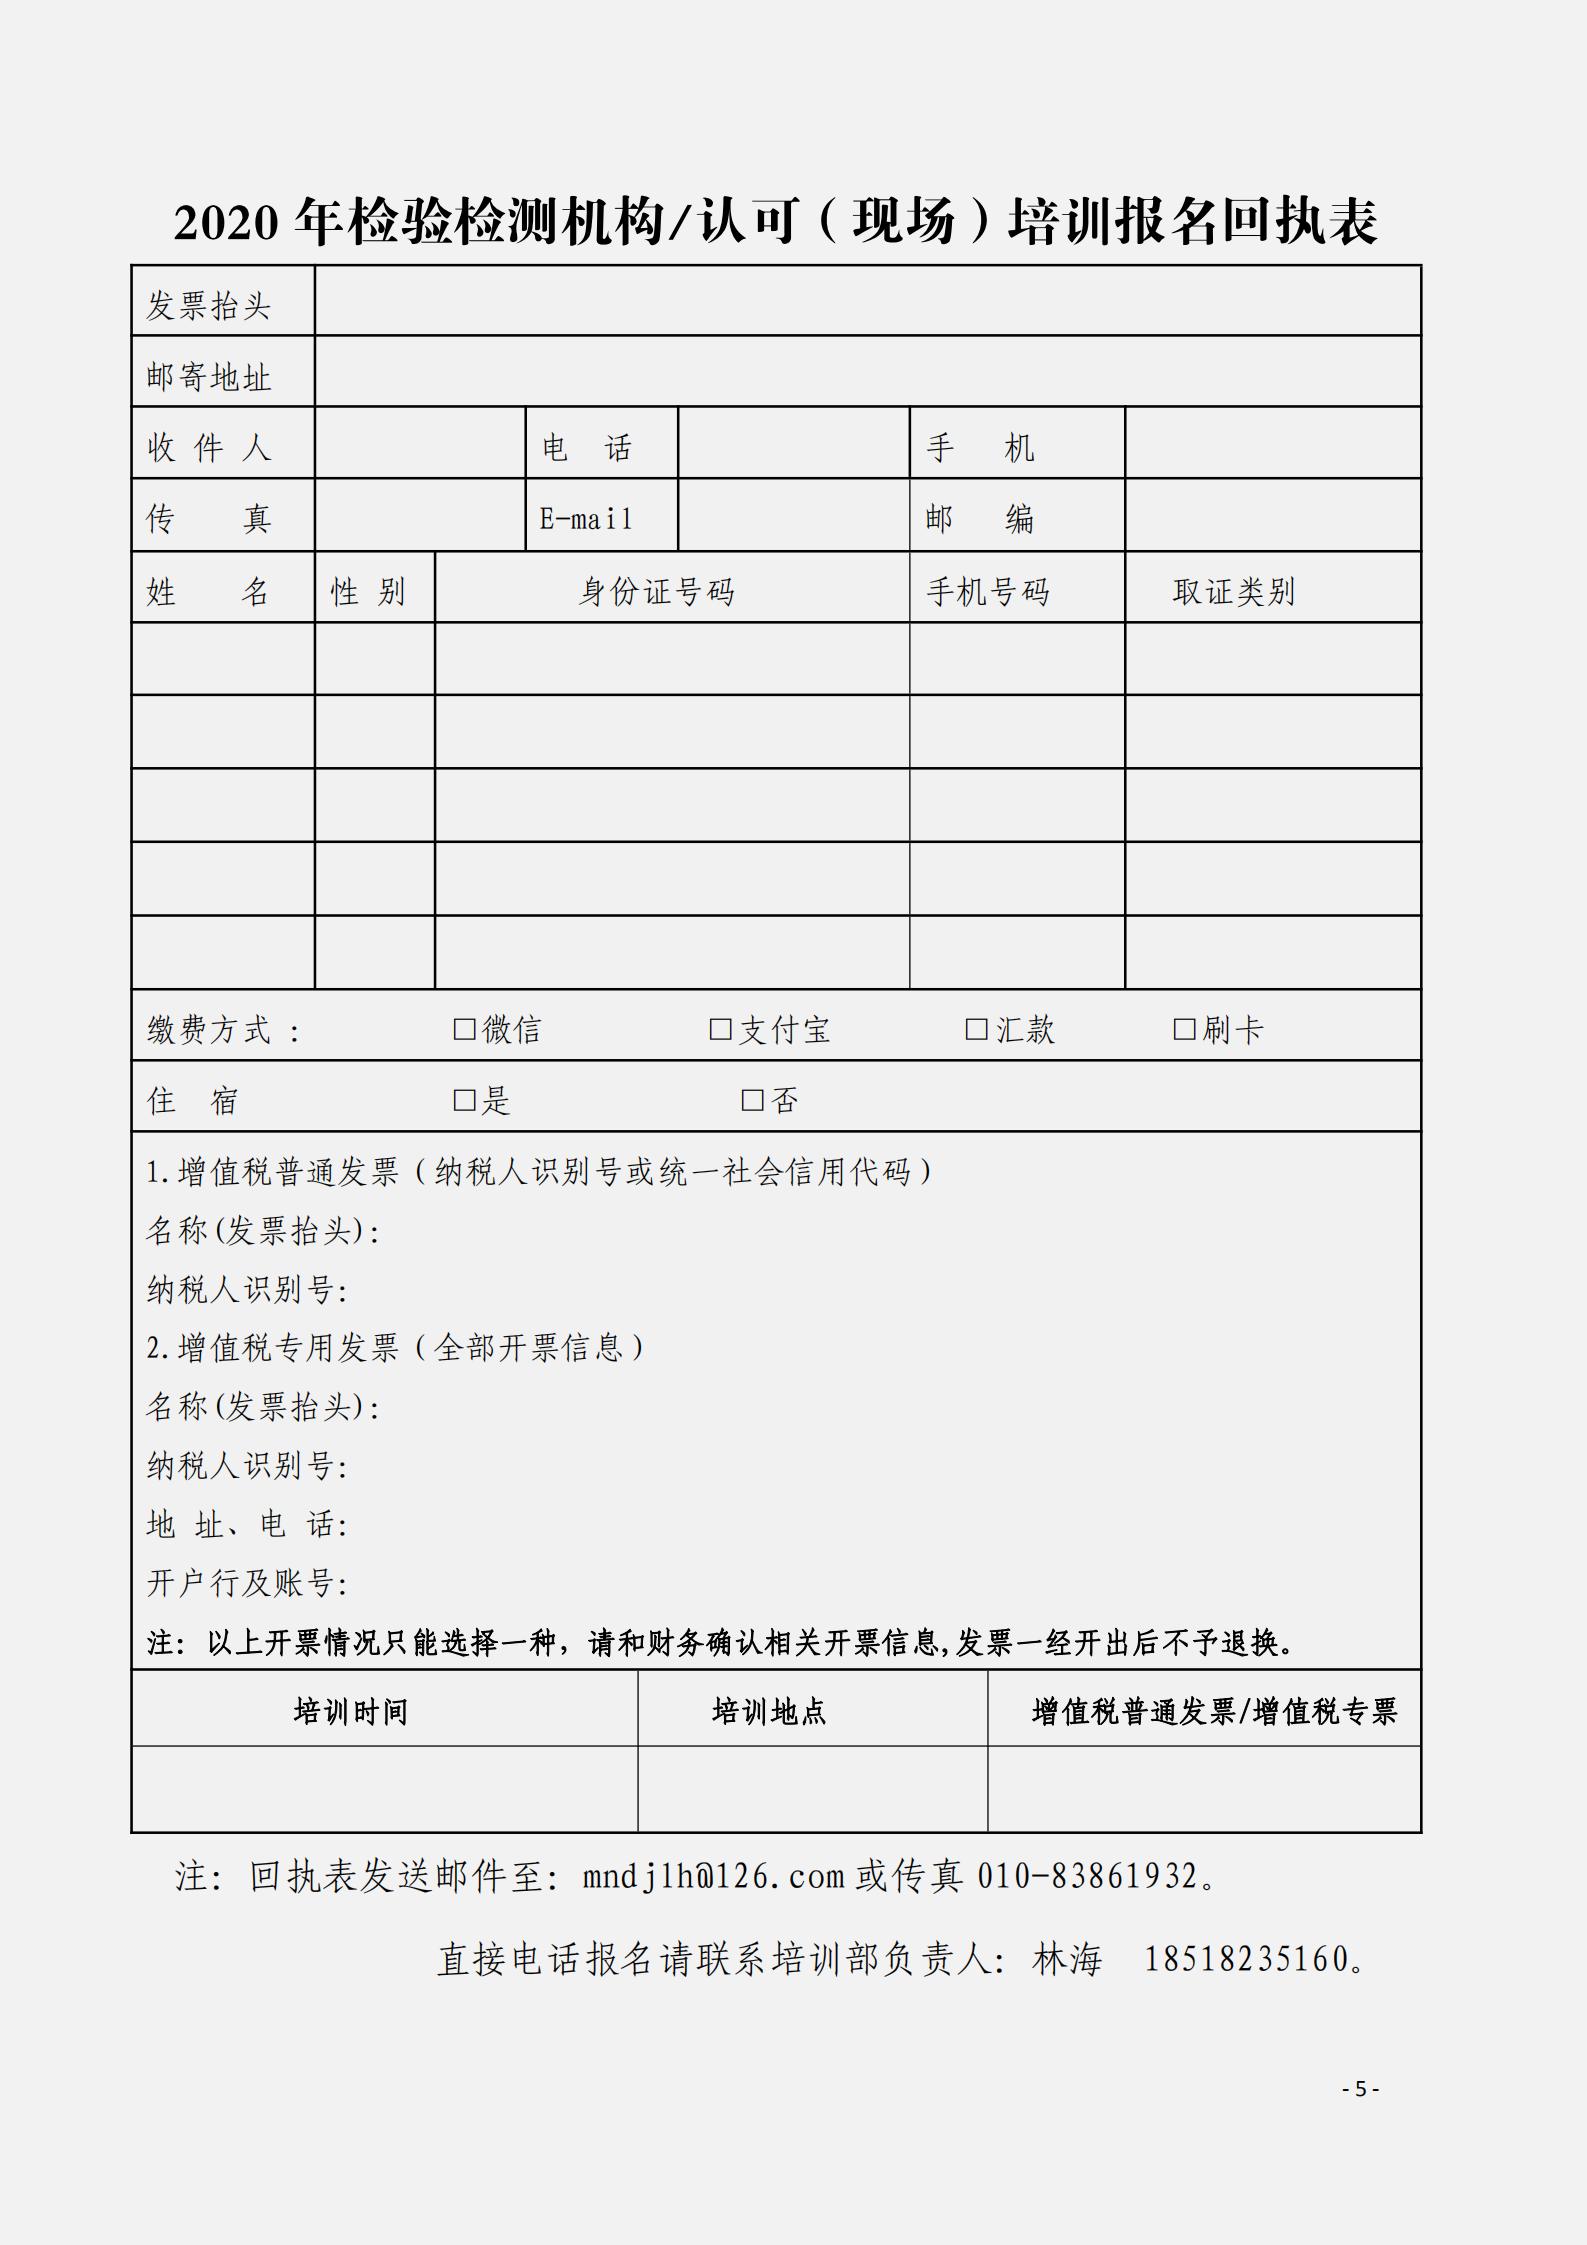 西双版纳 贵阳 沈阳 长春 哈尔滨文件_04.png